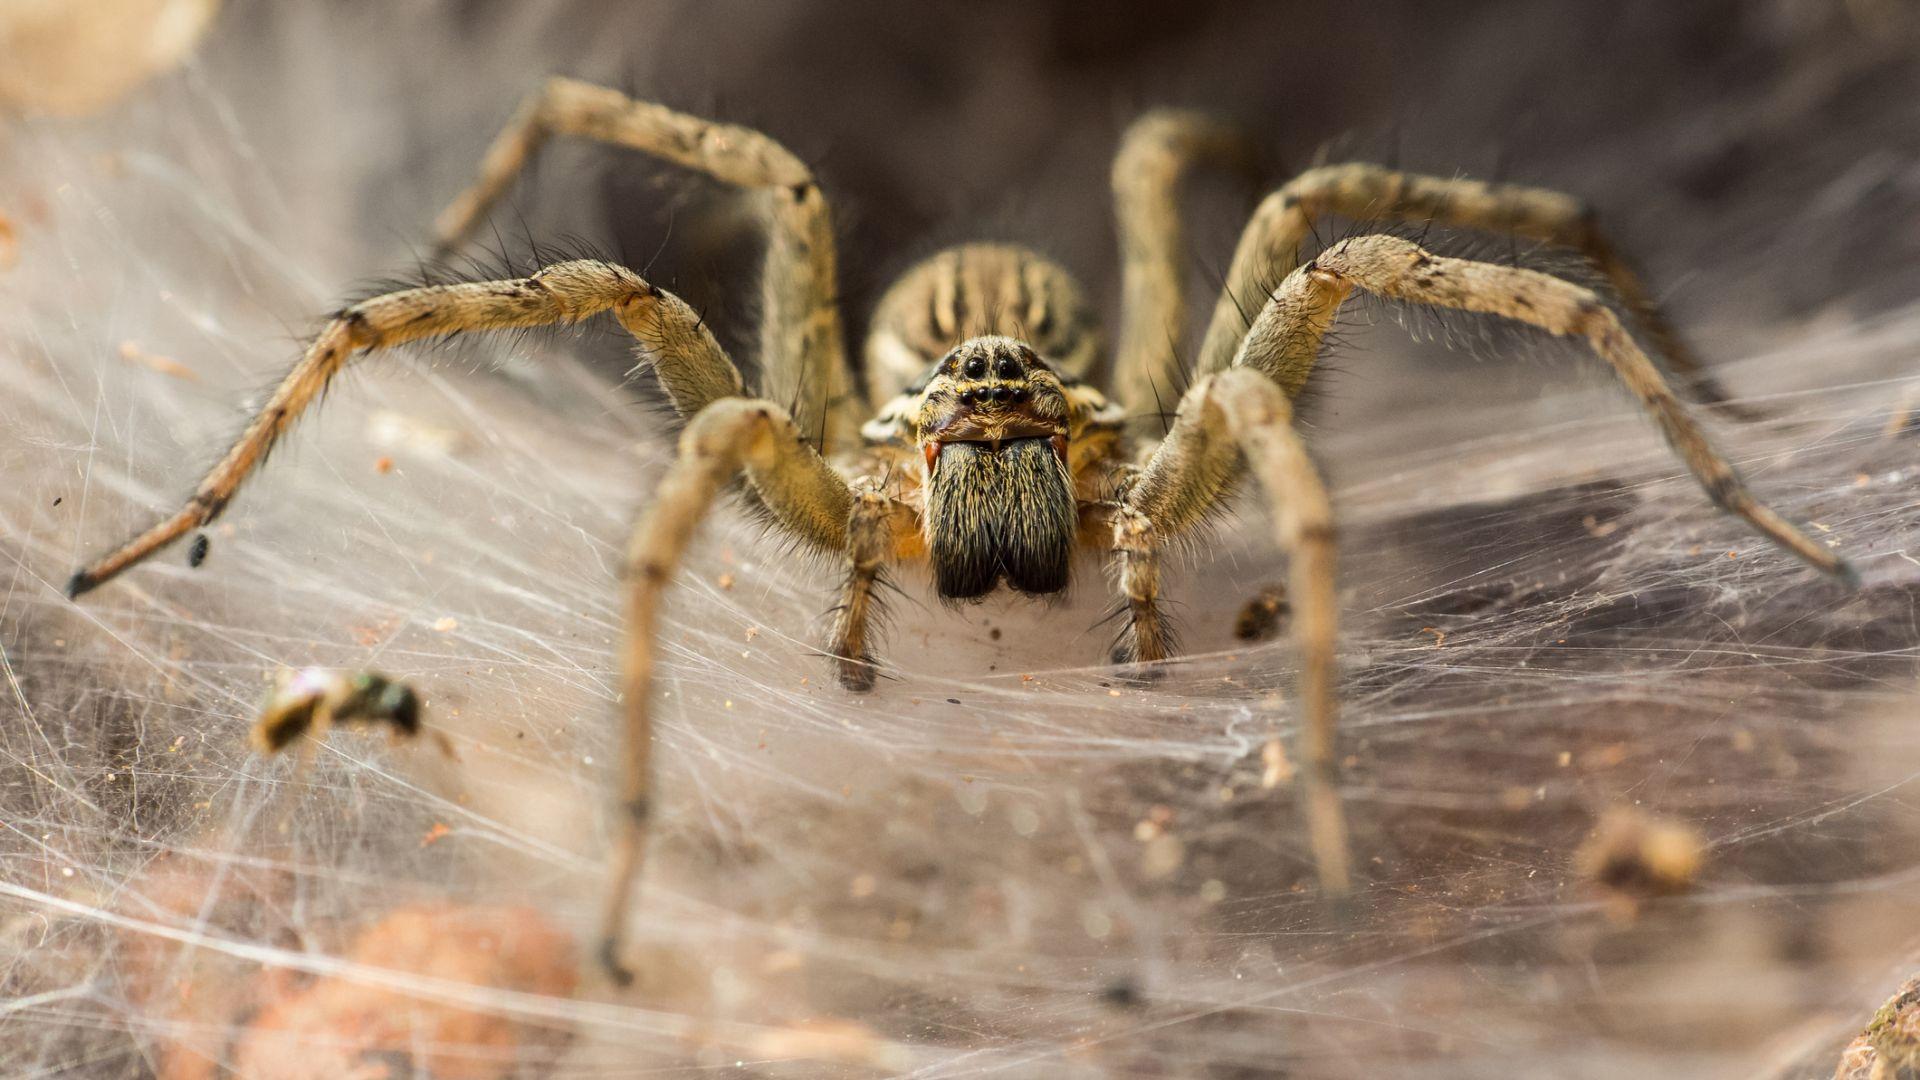 Вид паяци връзват партньорките си по време на любовния ритуал